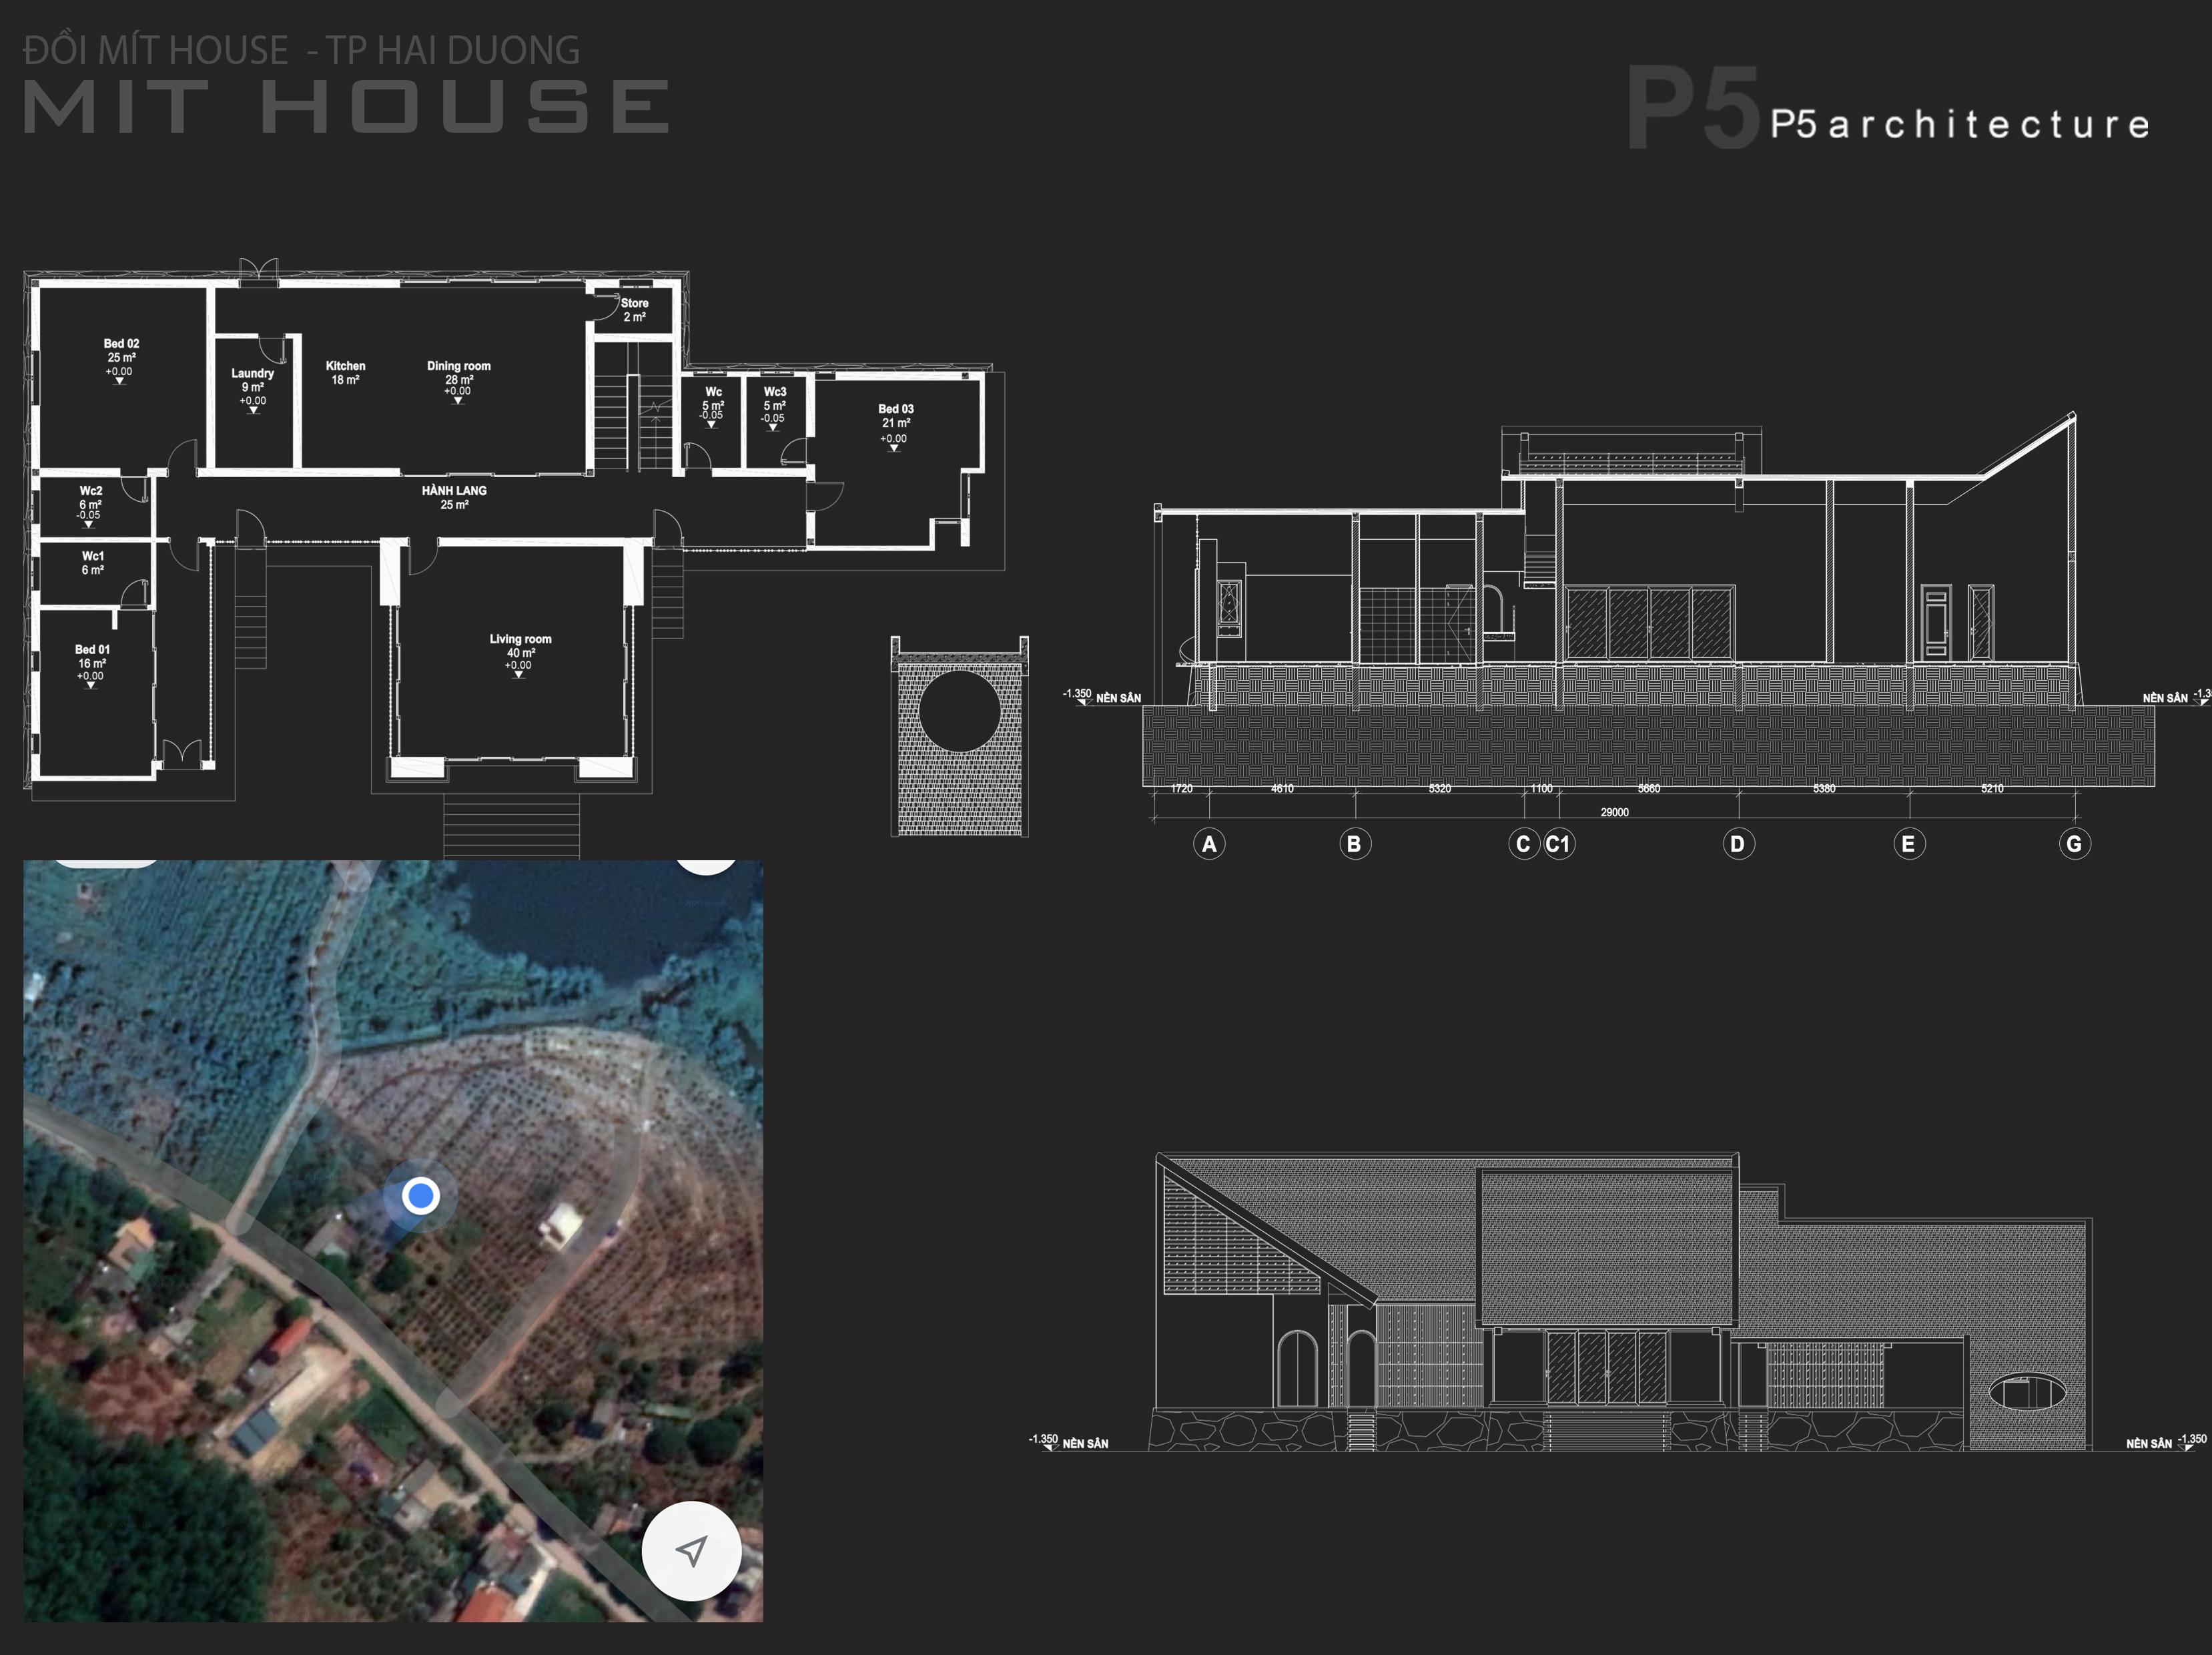 Thiết kế Nhà tại Hải Dương MIT HOUSE 1592840189 2